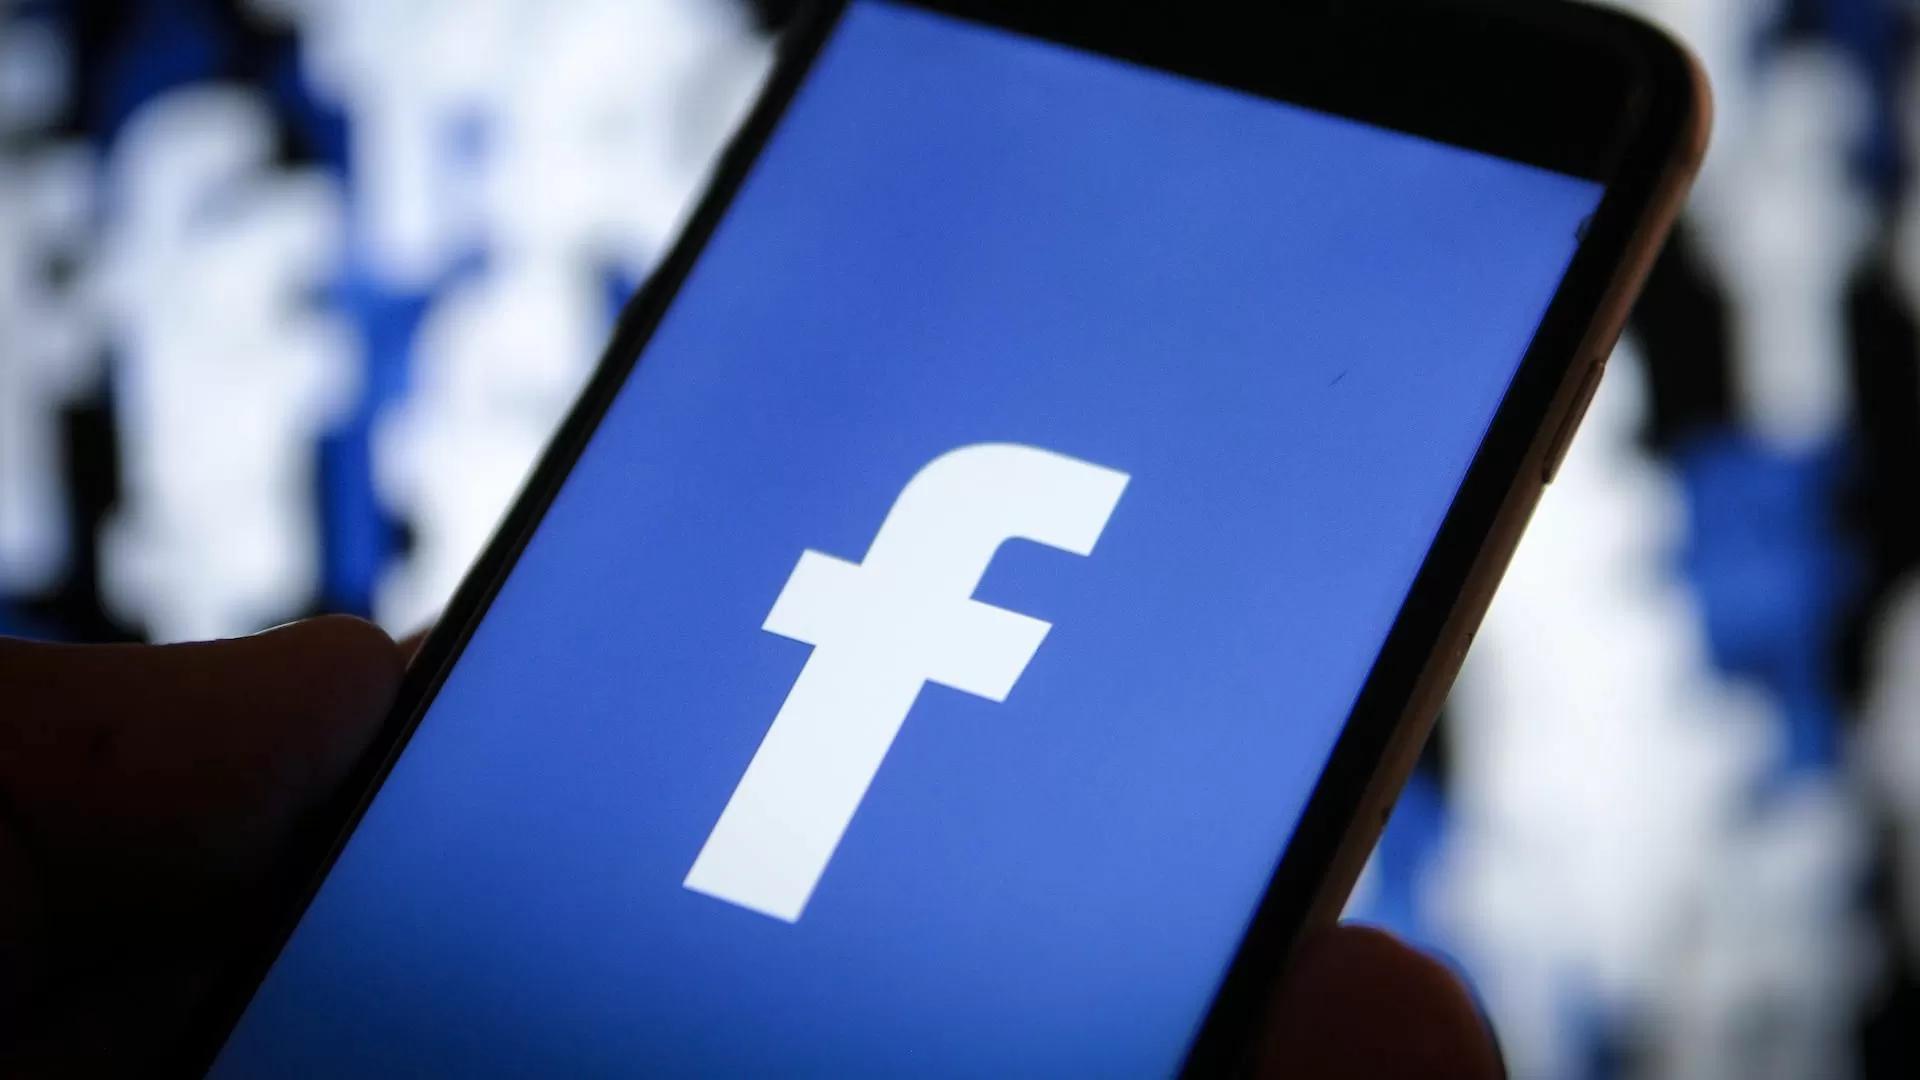 Facebook alla gogna, dopo i problemi tecnici arrivano pesanti accuse